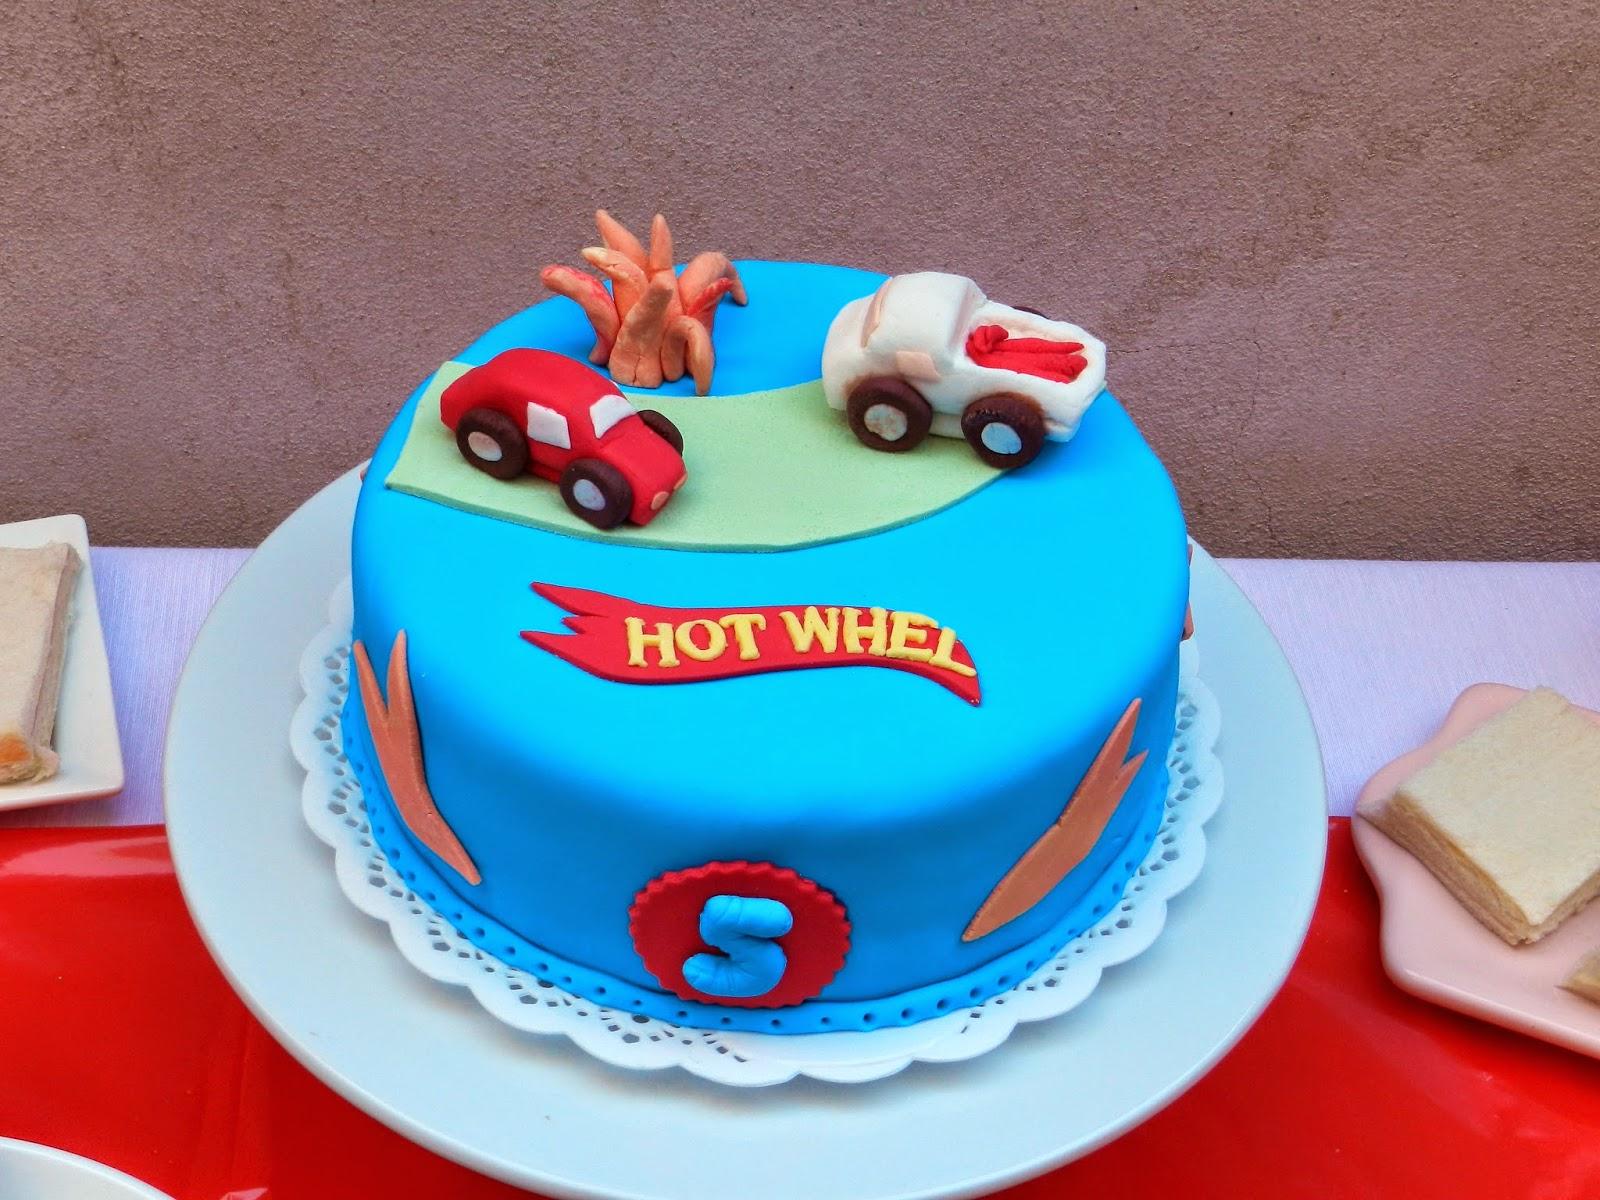 Frocca Pasteleria Torta Tartas Mesa Dulce Hot Wheels